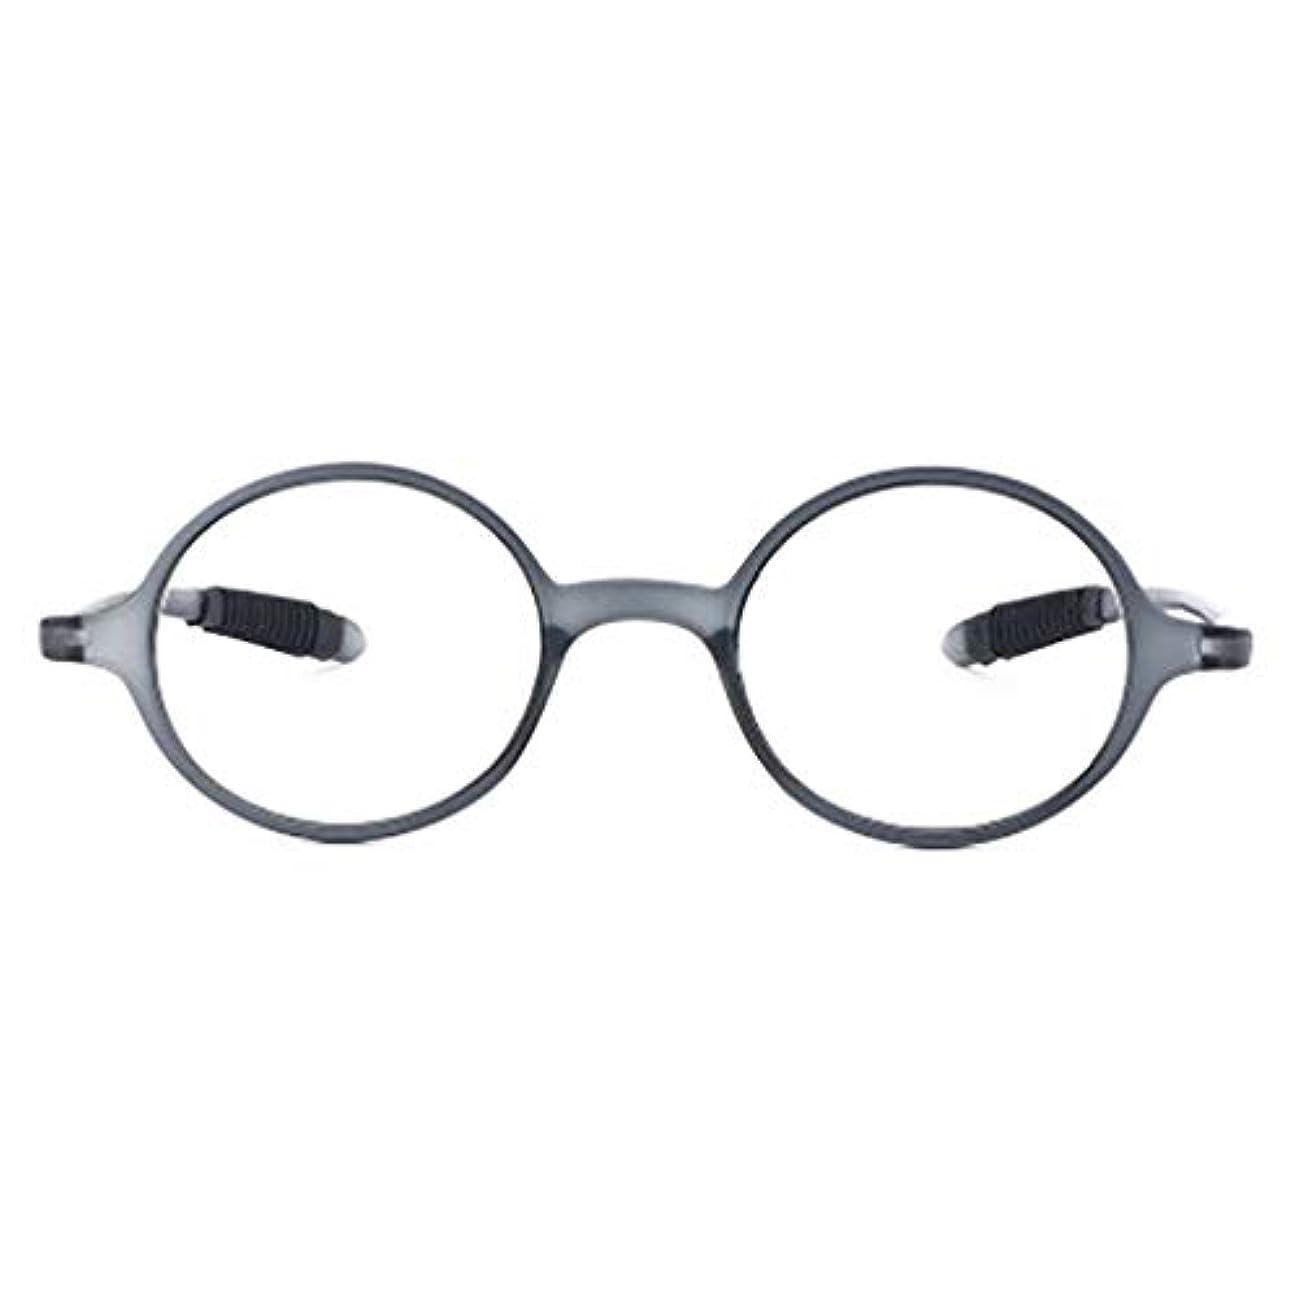 レトロな老眼鏡,抗疲労 ラウンド フレーム読者 超軽量 超弾性 樹脂レンズ-グレー +2.0